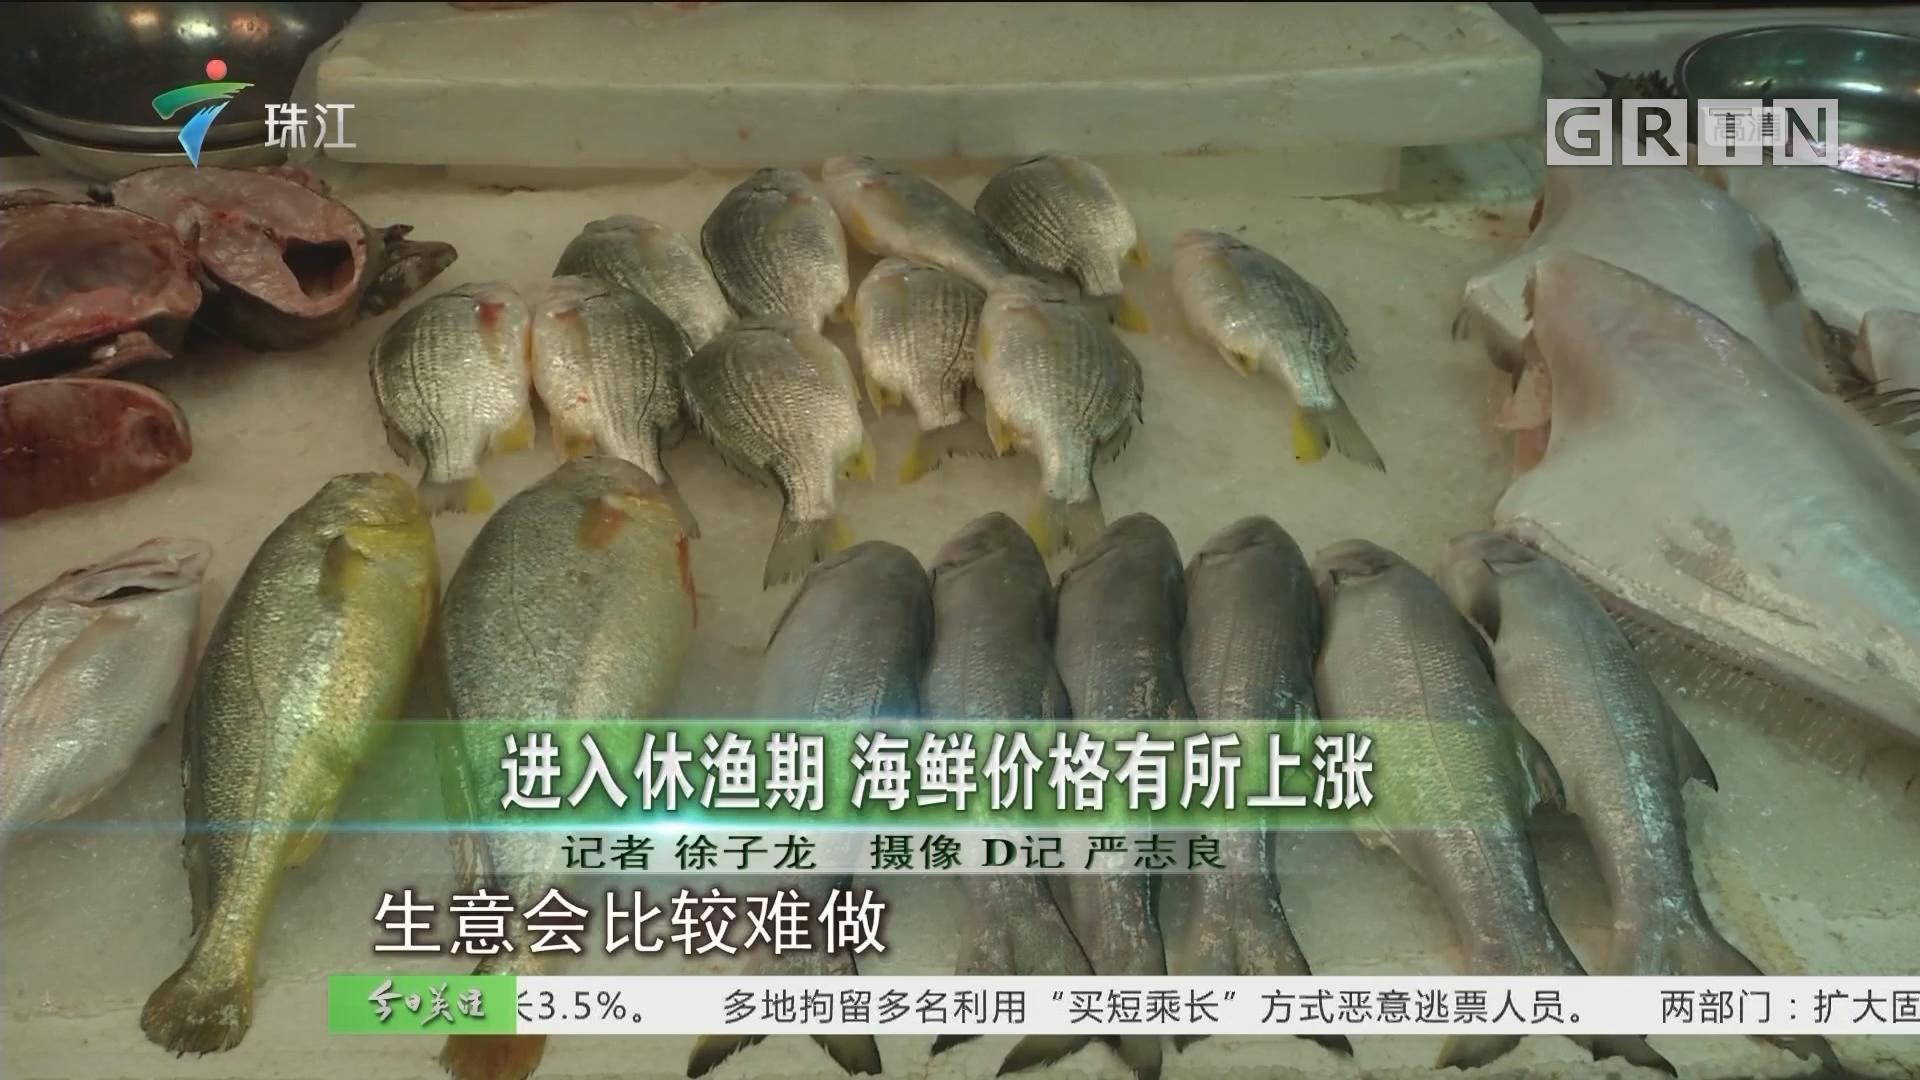 进入休渔期 海鲜价格有所上涨